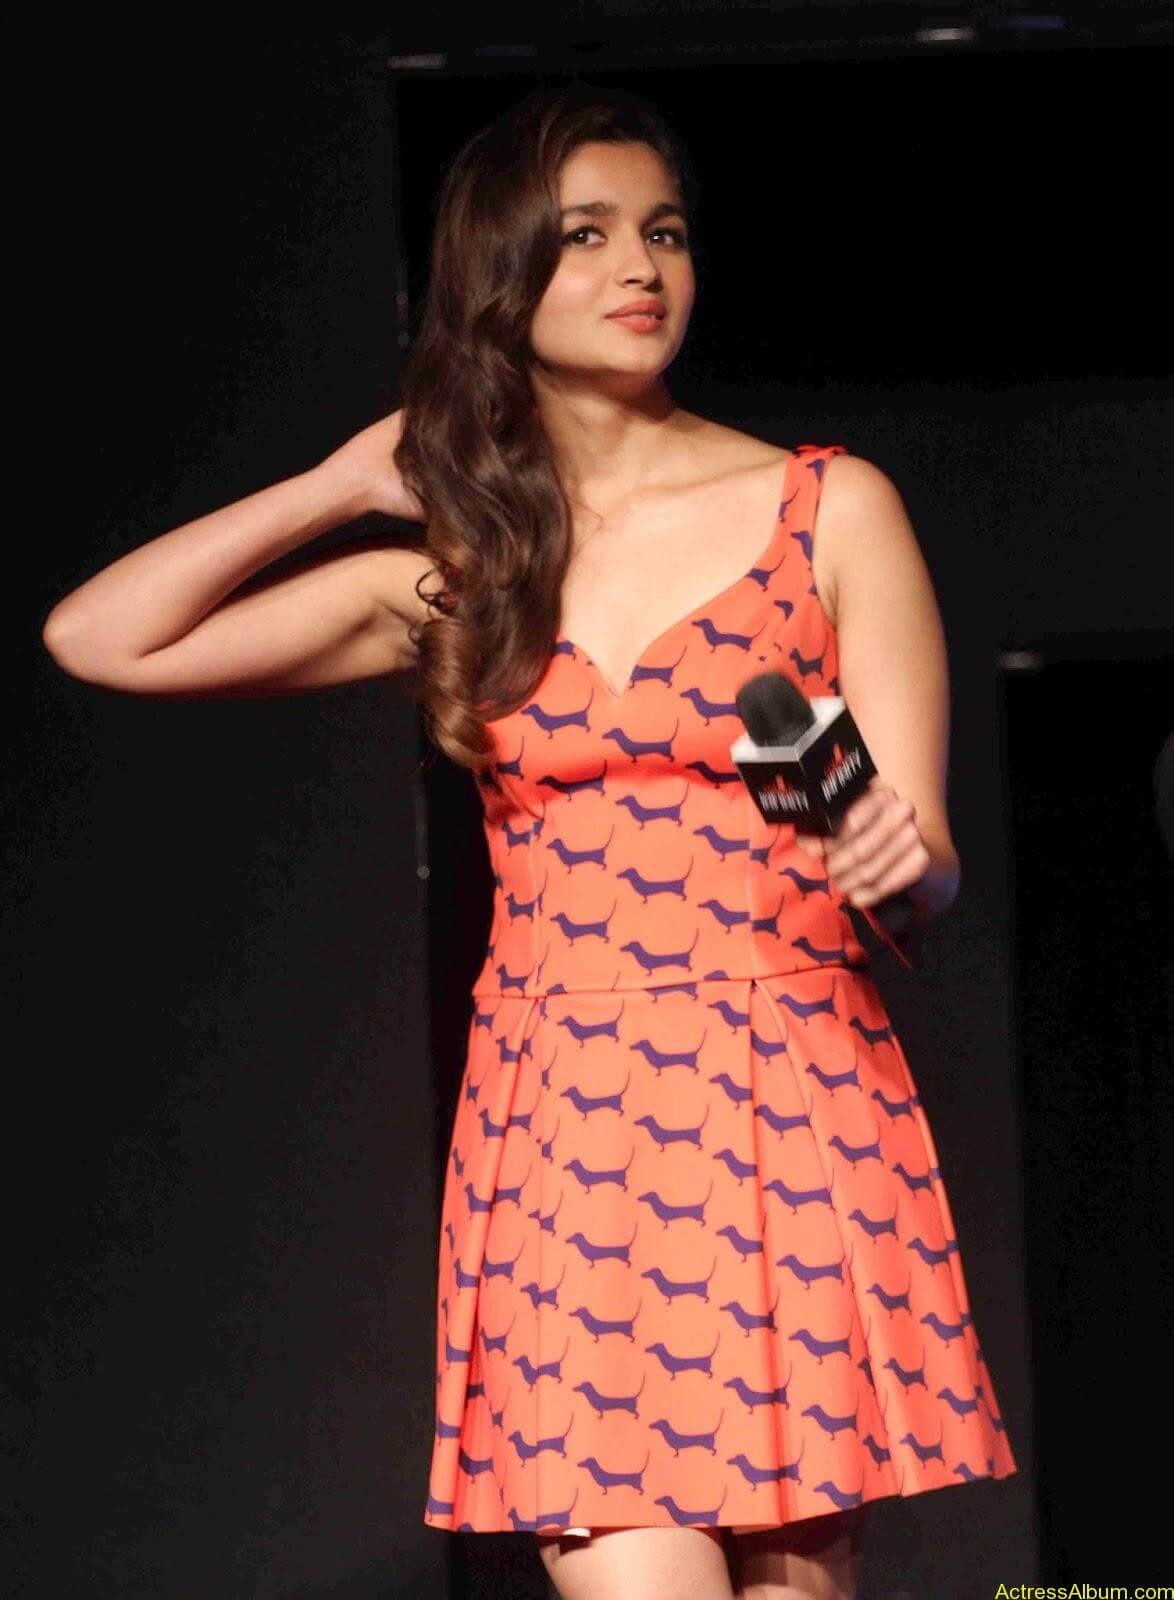 Alia-Bhatt-Photos-Stills-Hot-Images-Pictures-9